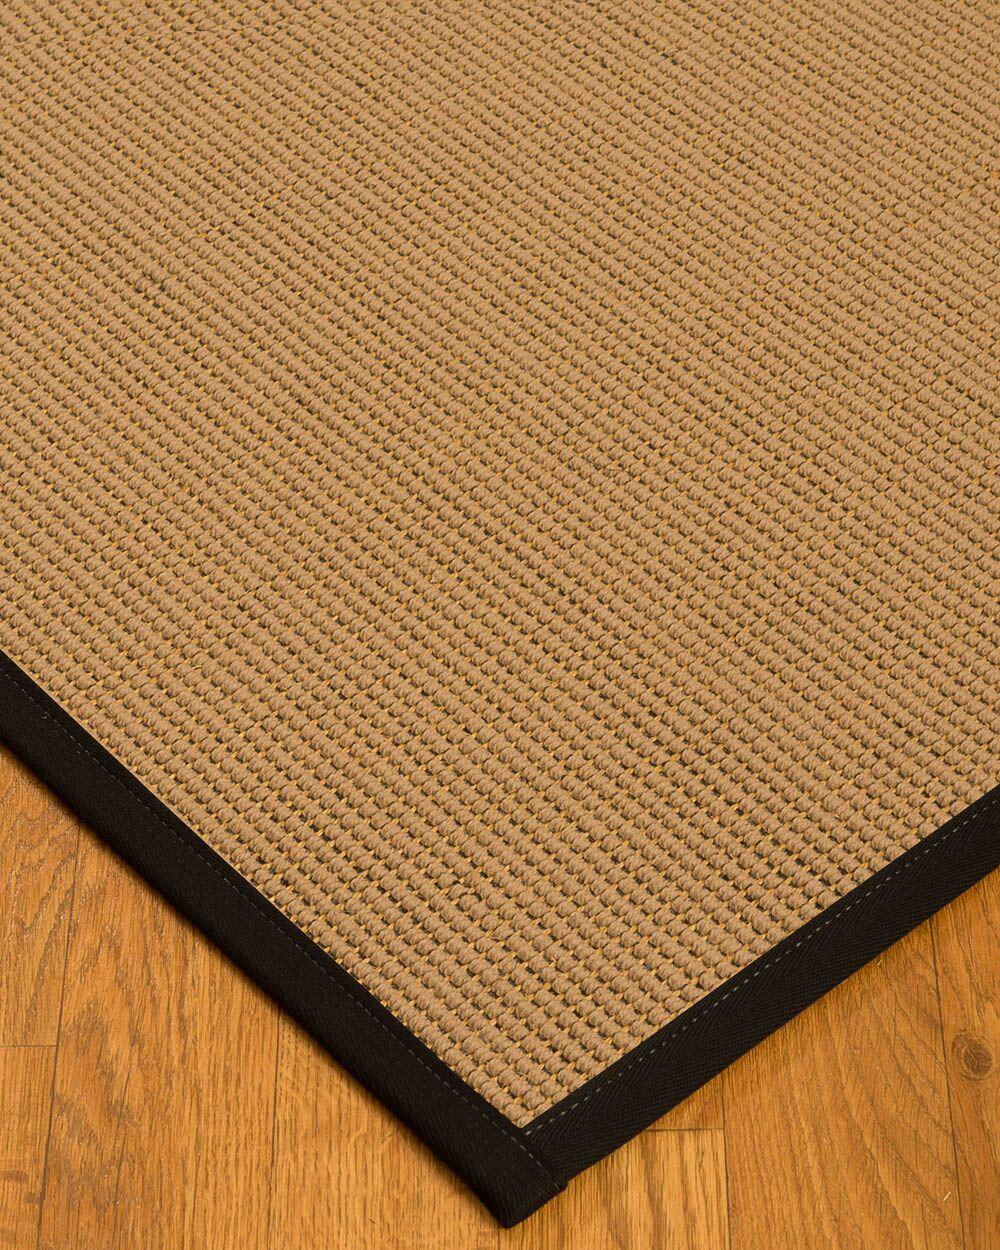 Badham Hand-Woven Wool Beige Area Rug Rug Size: Rectangle 8' x 10'